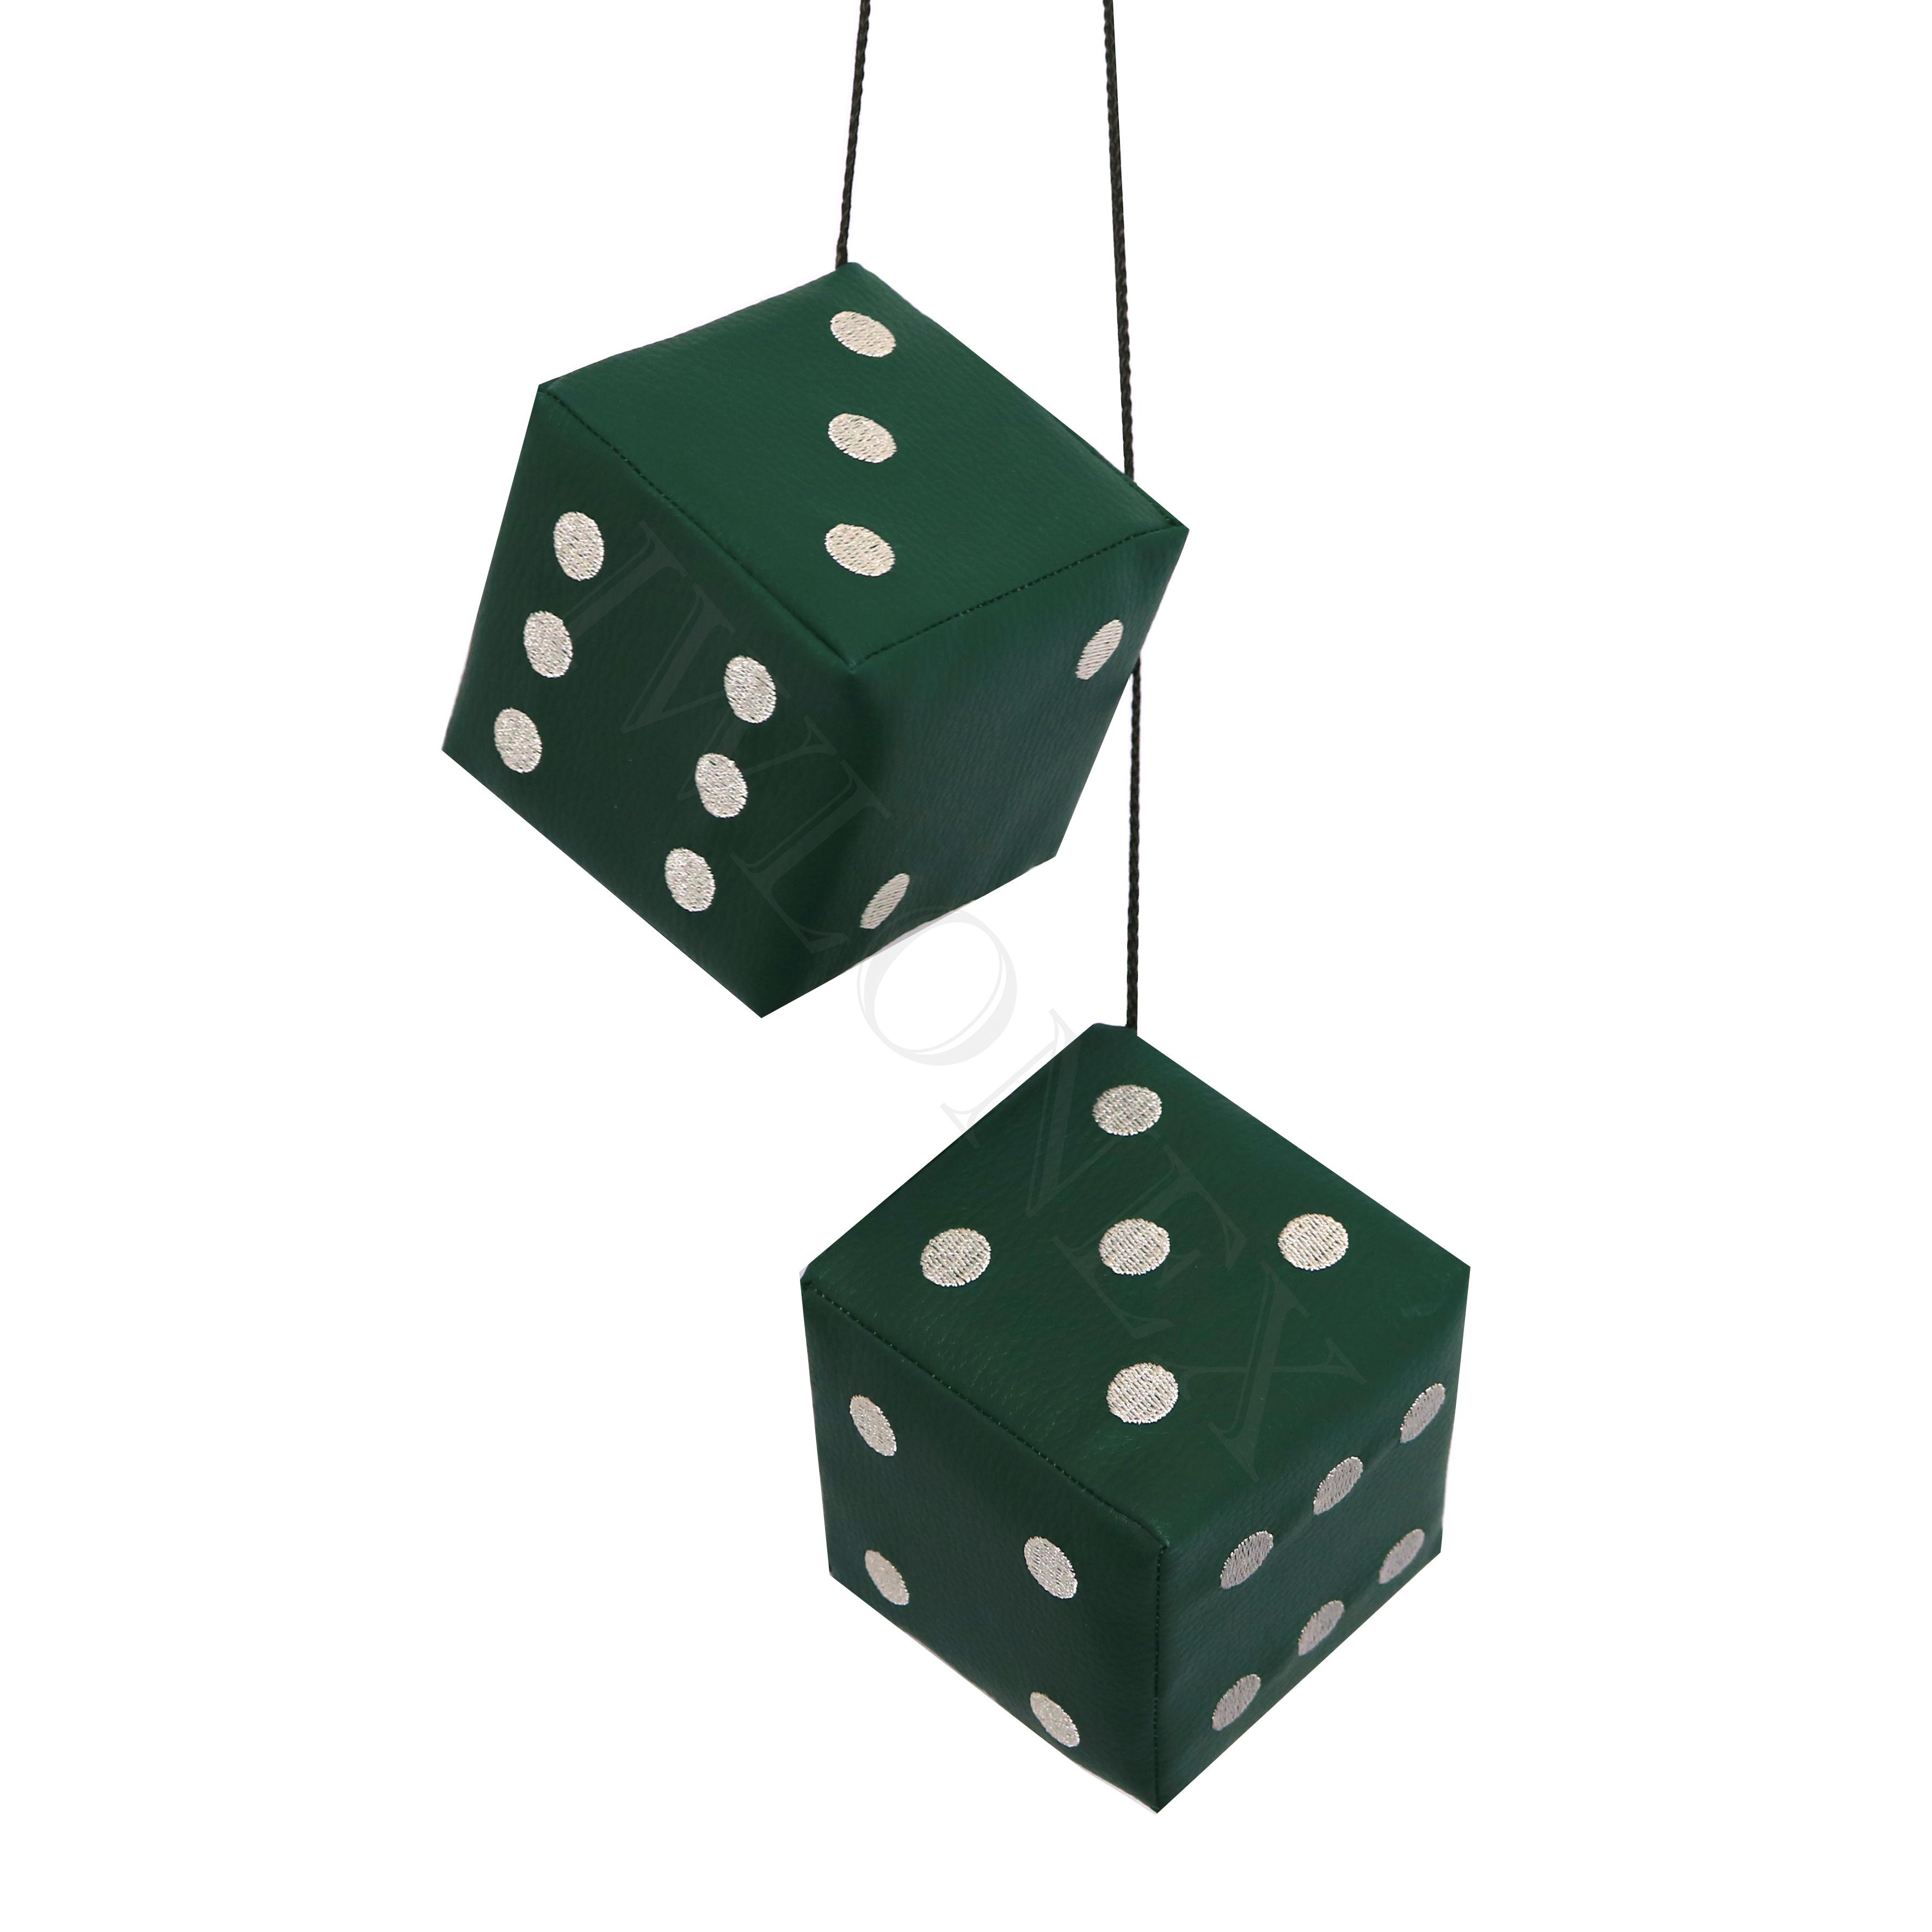 Wurfel Punkte grun - 2 x LKW Würfel Universal in Farbe Dunkelgrün